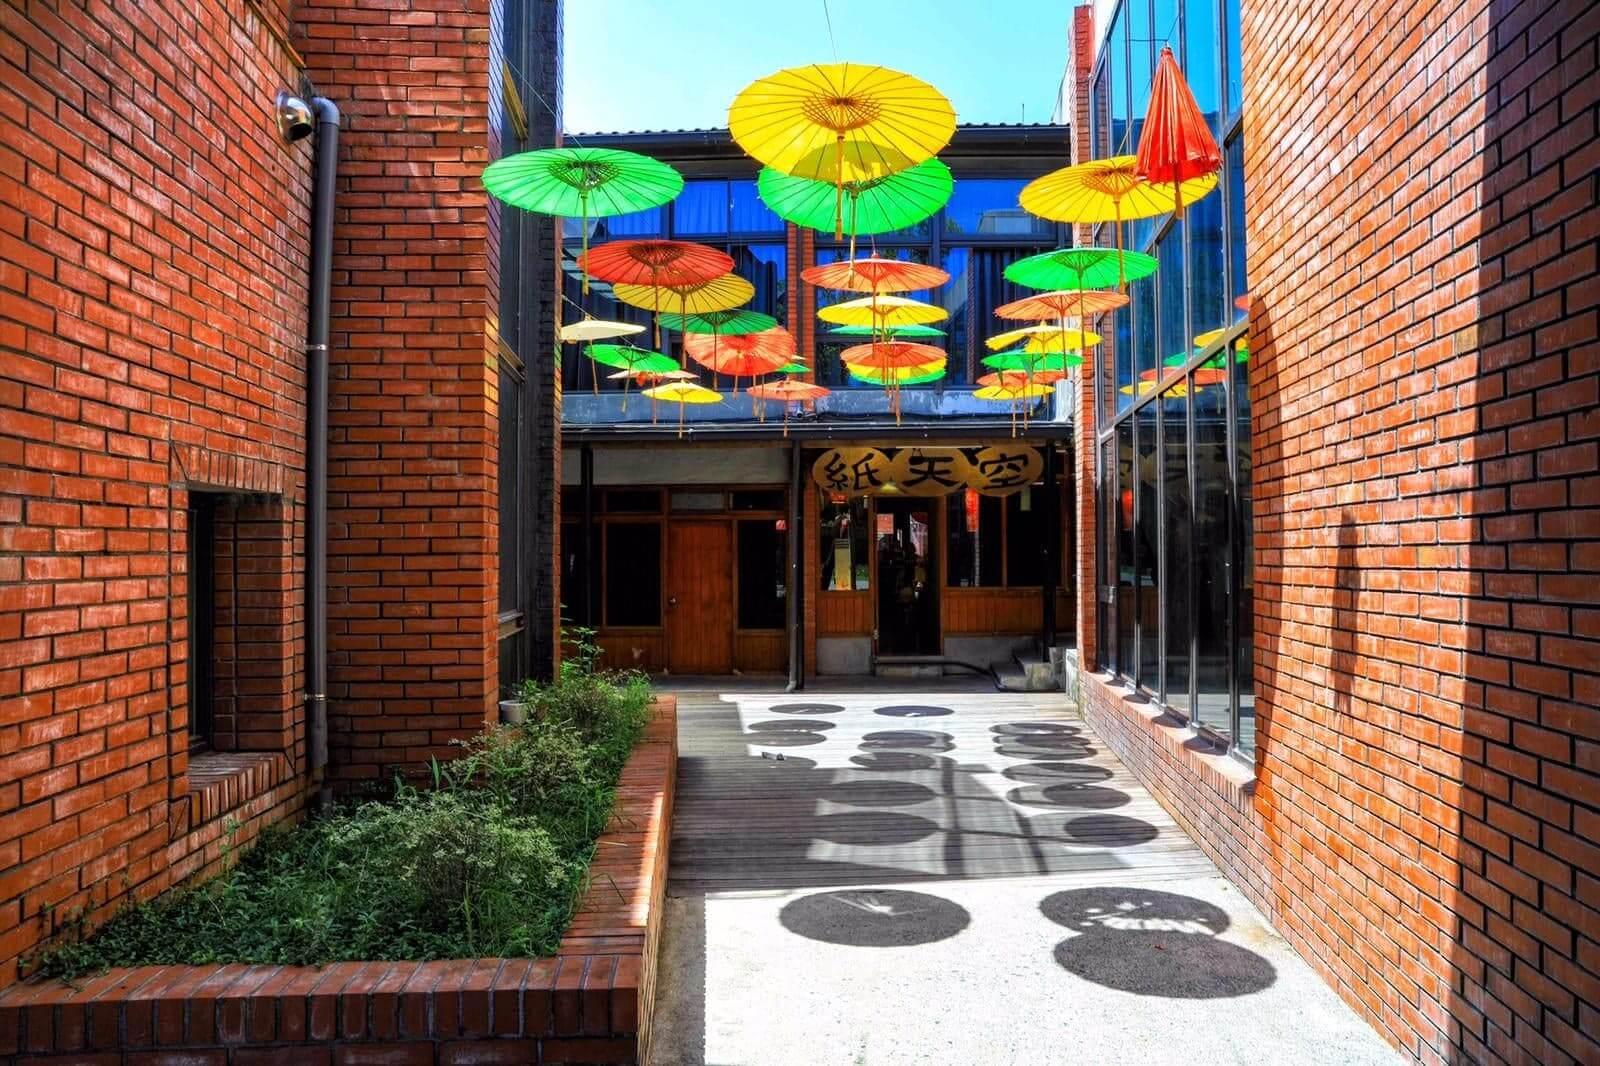 紙天空配合各式素材自由發揮,設計品包括布燈、紙燈、紙藝品、手工記事本、各式裝置藝術等,融合現代設計感與復古懷舊風。